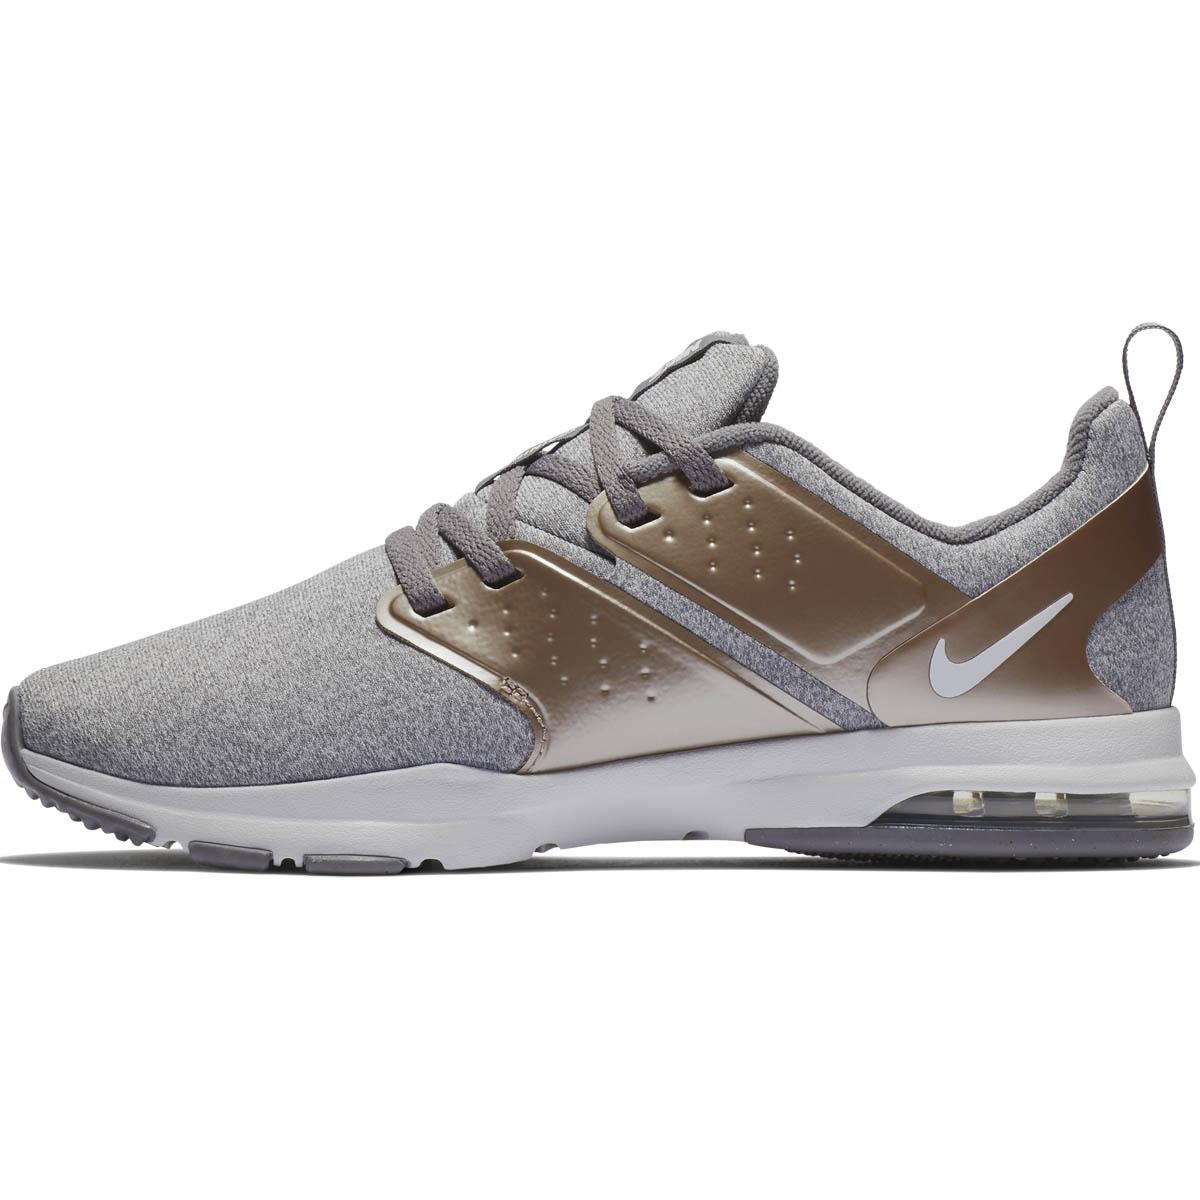 3ff7925dbd Nike WMNS NIKE AIR BELLA TR PRM CINZENTO - AQ0686-001 - Blitstorm